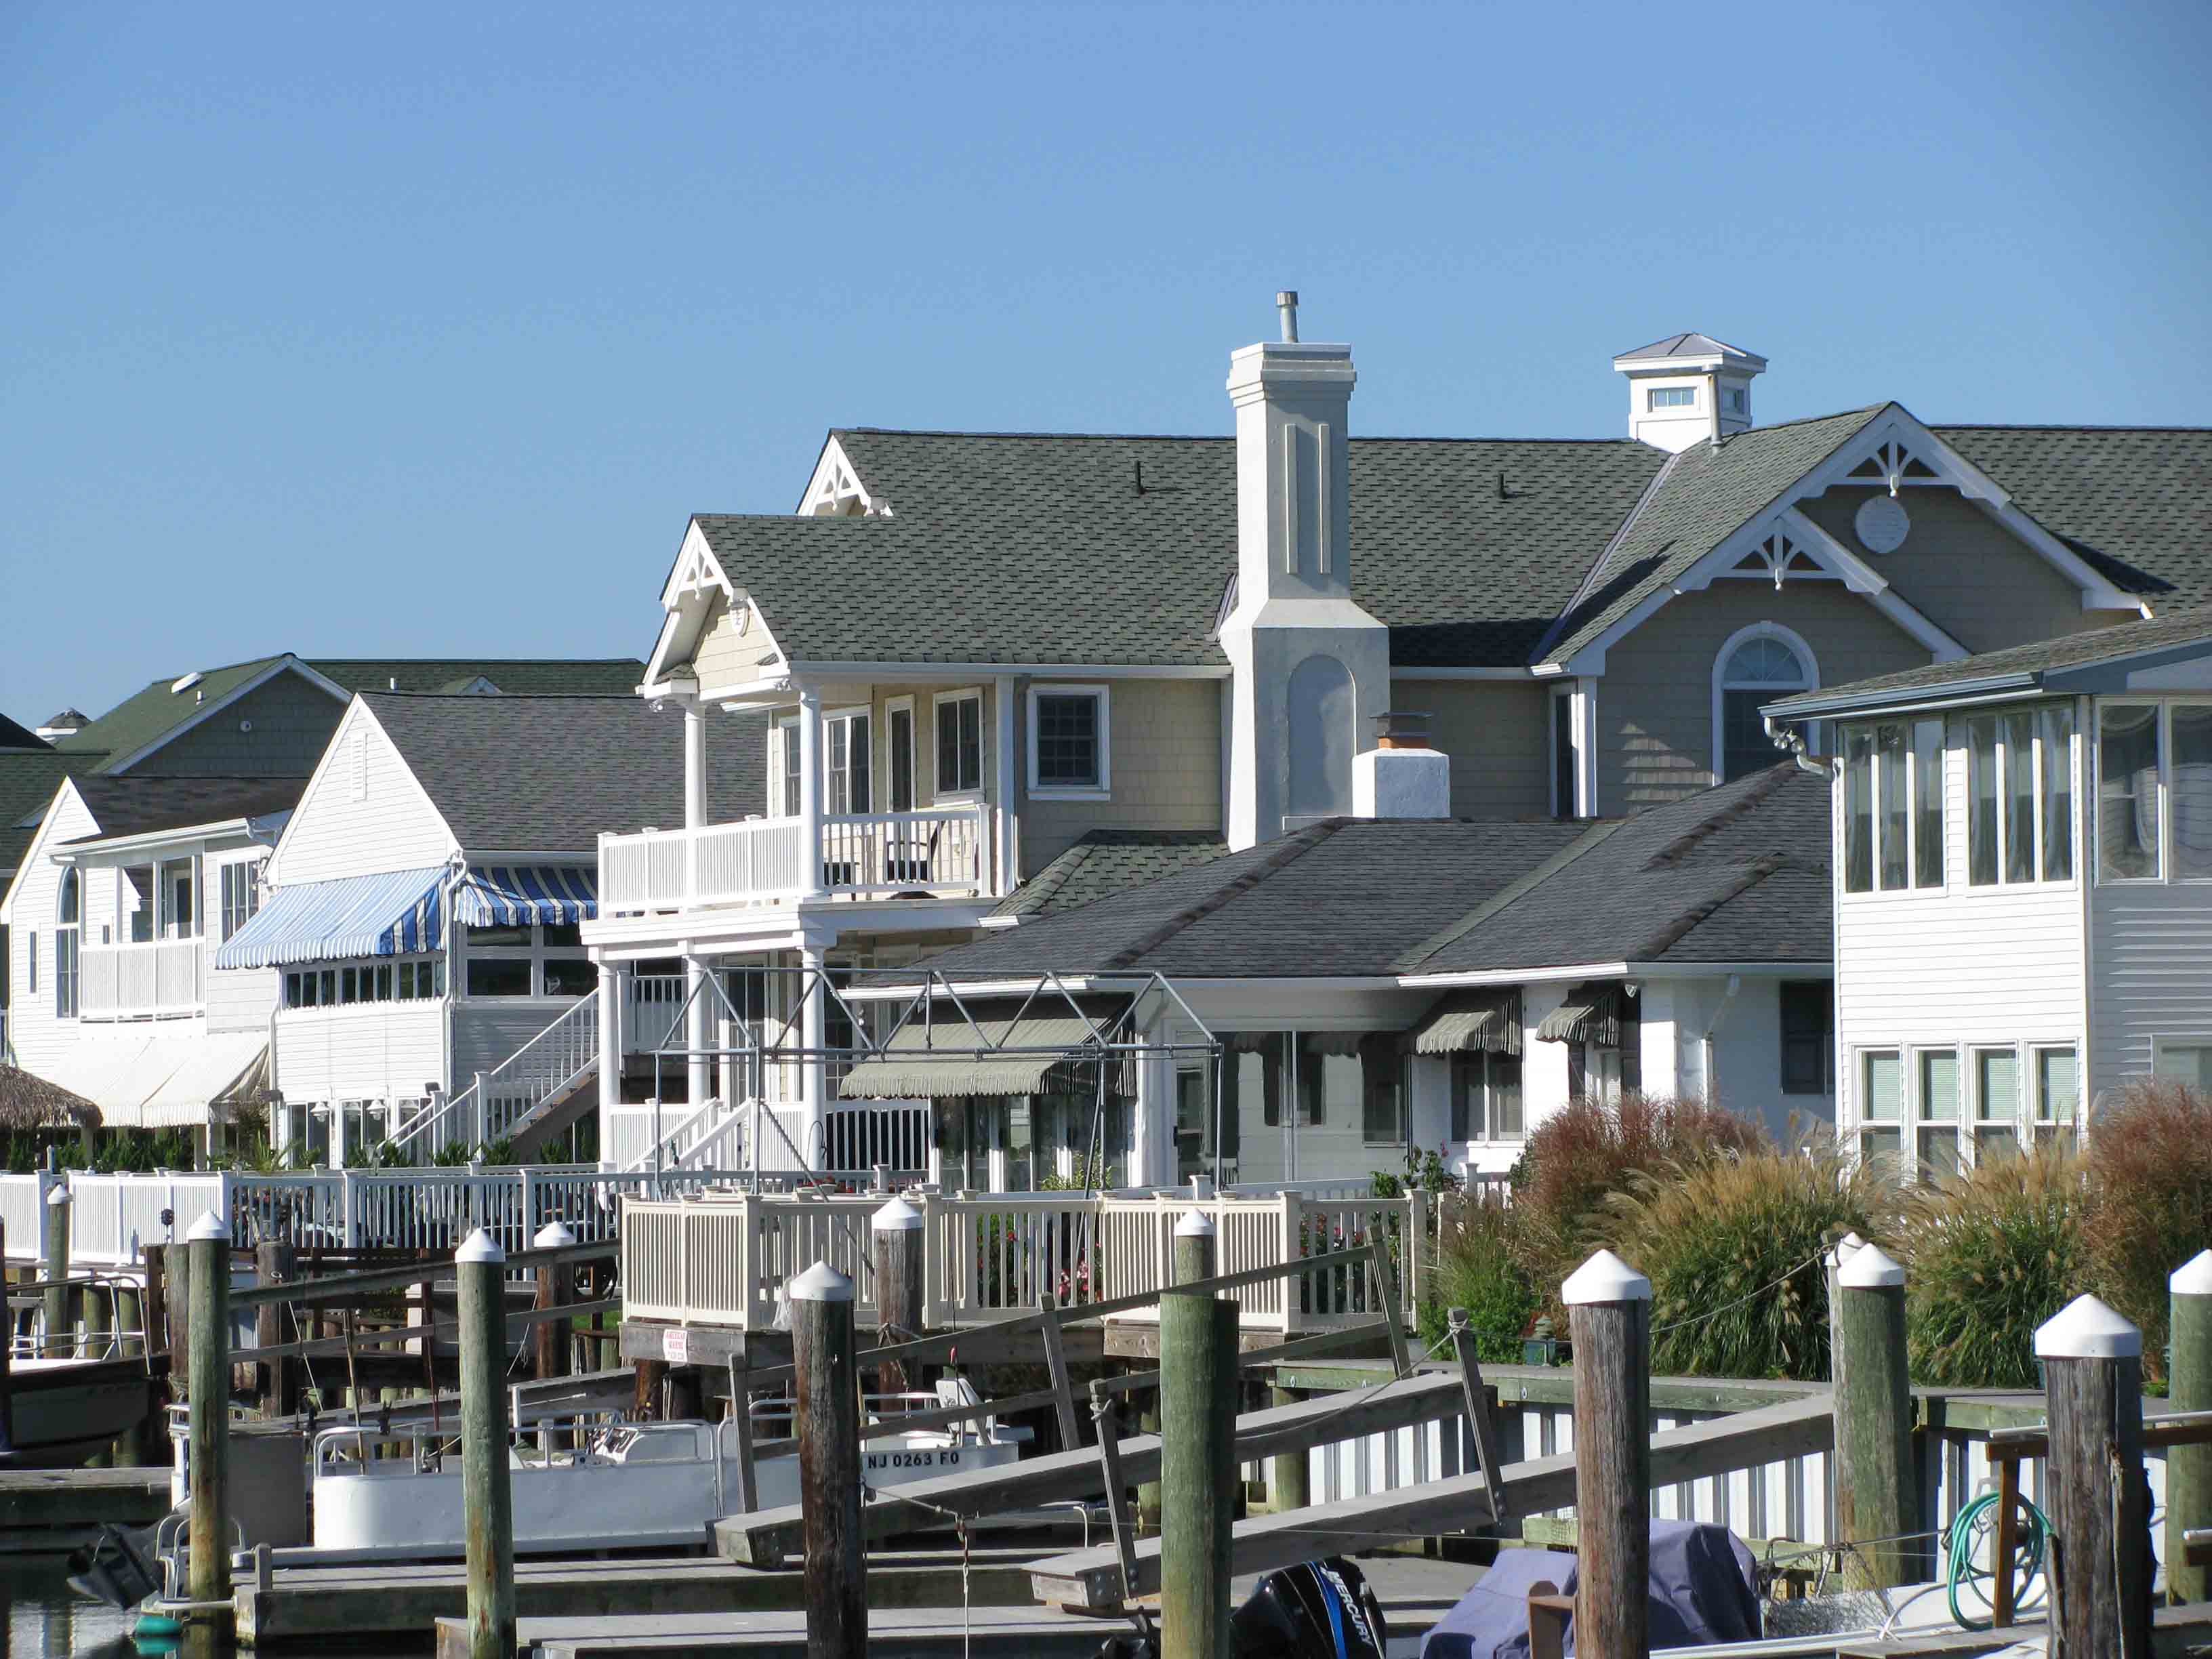 Coastal Homes Single Family3